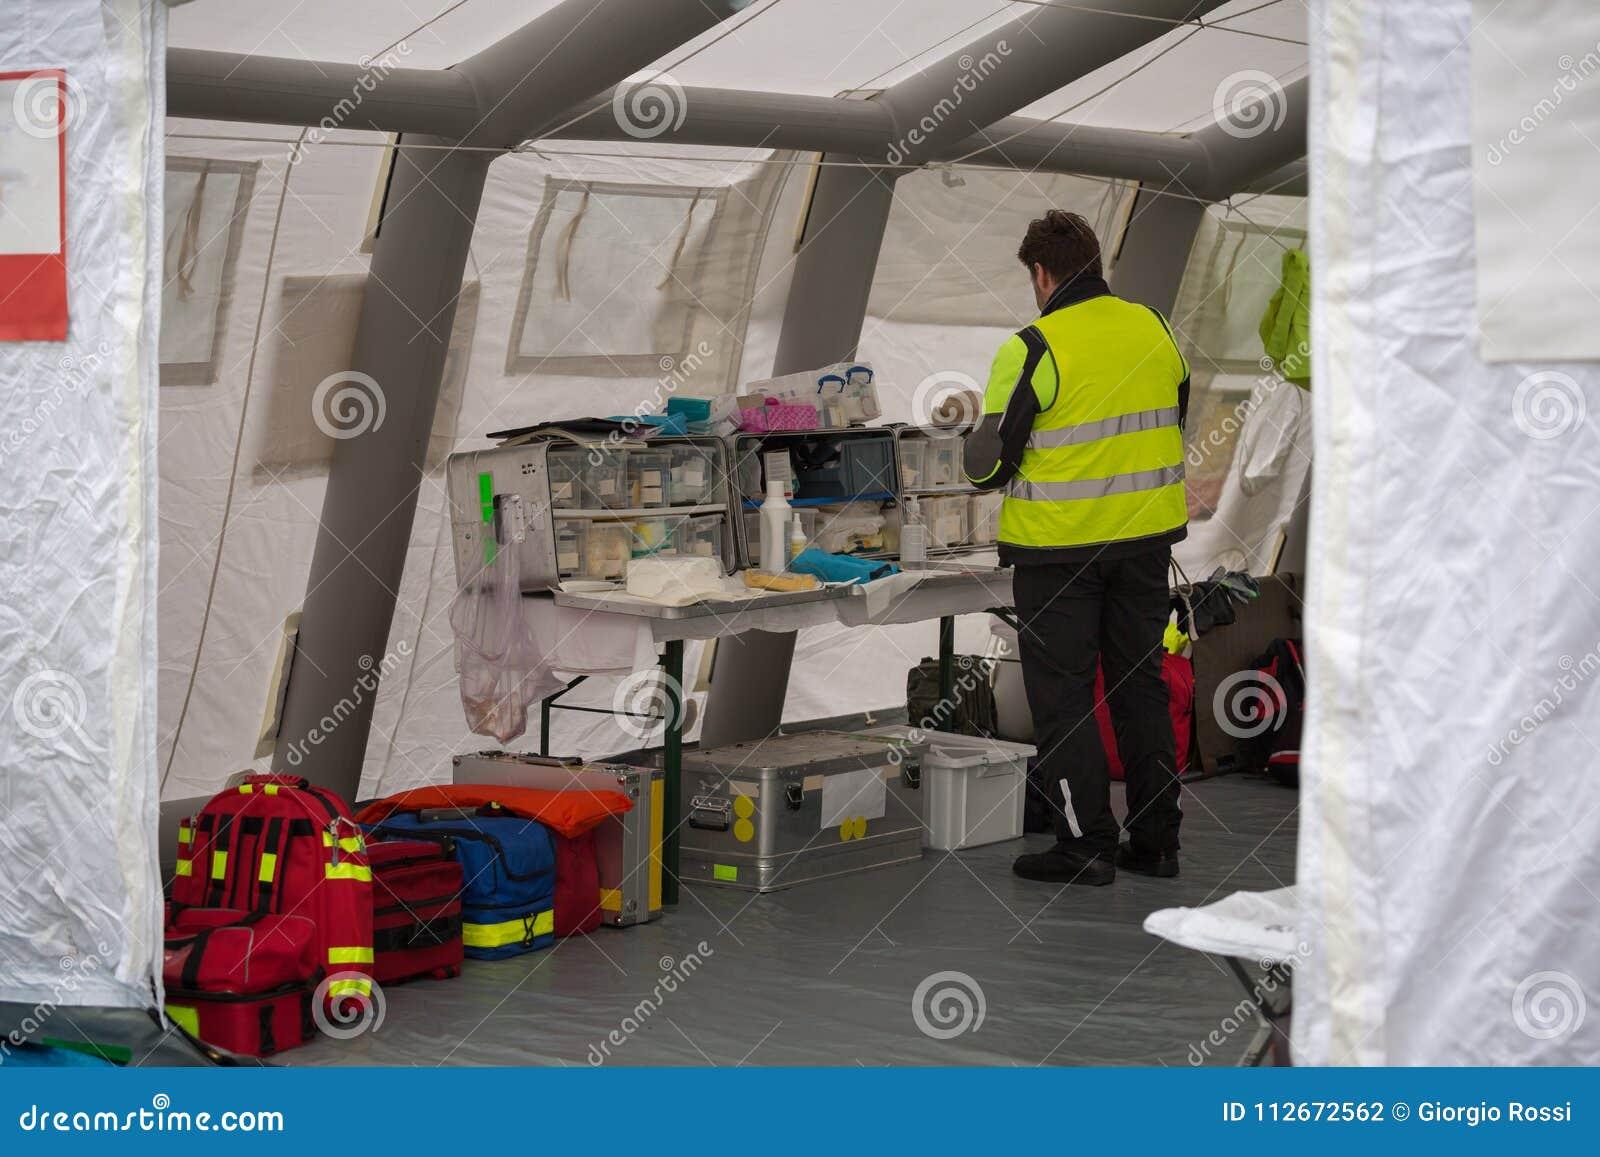 Arzt Check für medizinische Bedarfe innerhalb des vorübergehenden Rettungs-Steuermitte-Zeltes